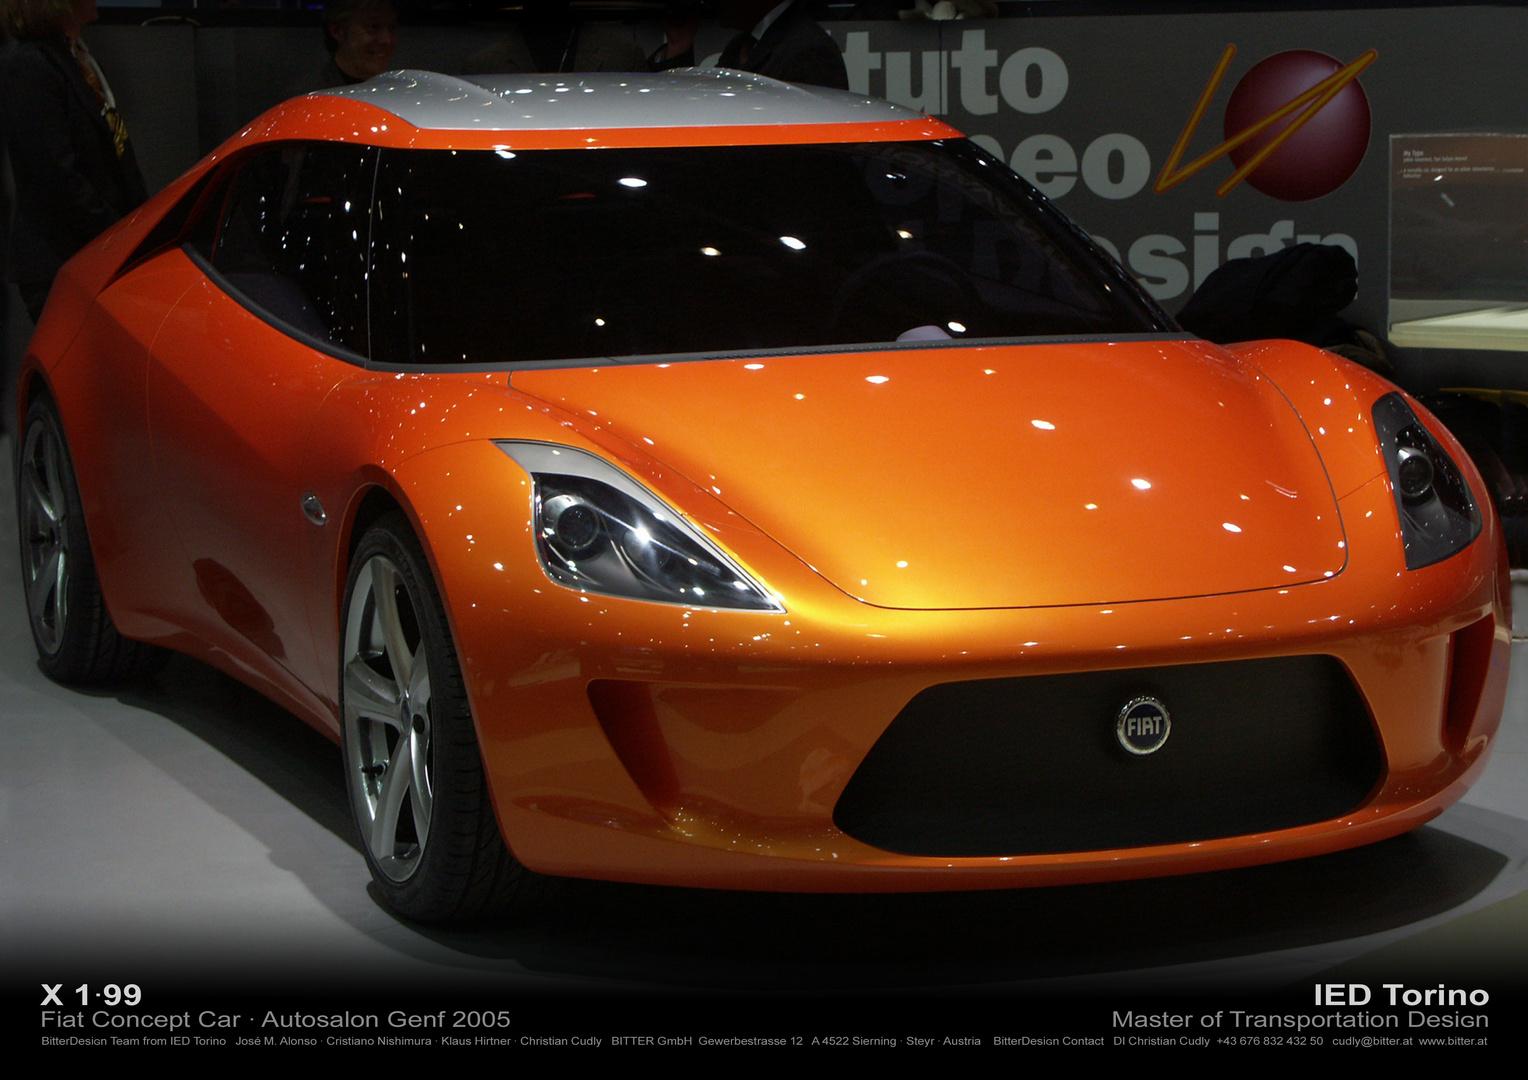 Concept Car Fiat X1/99